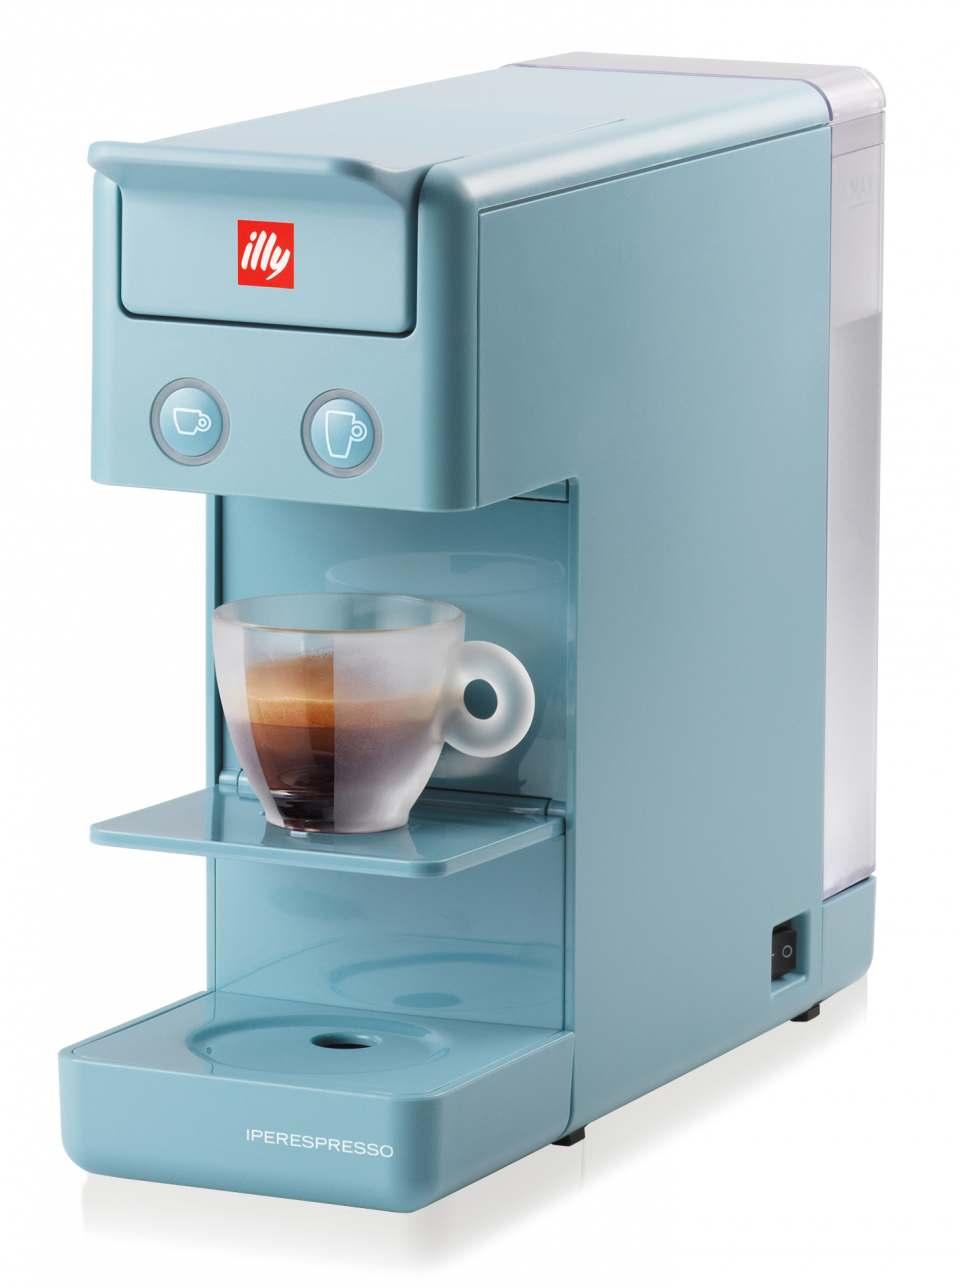 Illy Espressomaschine Iperespresso Y3.2 für Espresso und Filterkaffee.